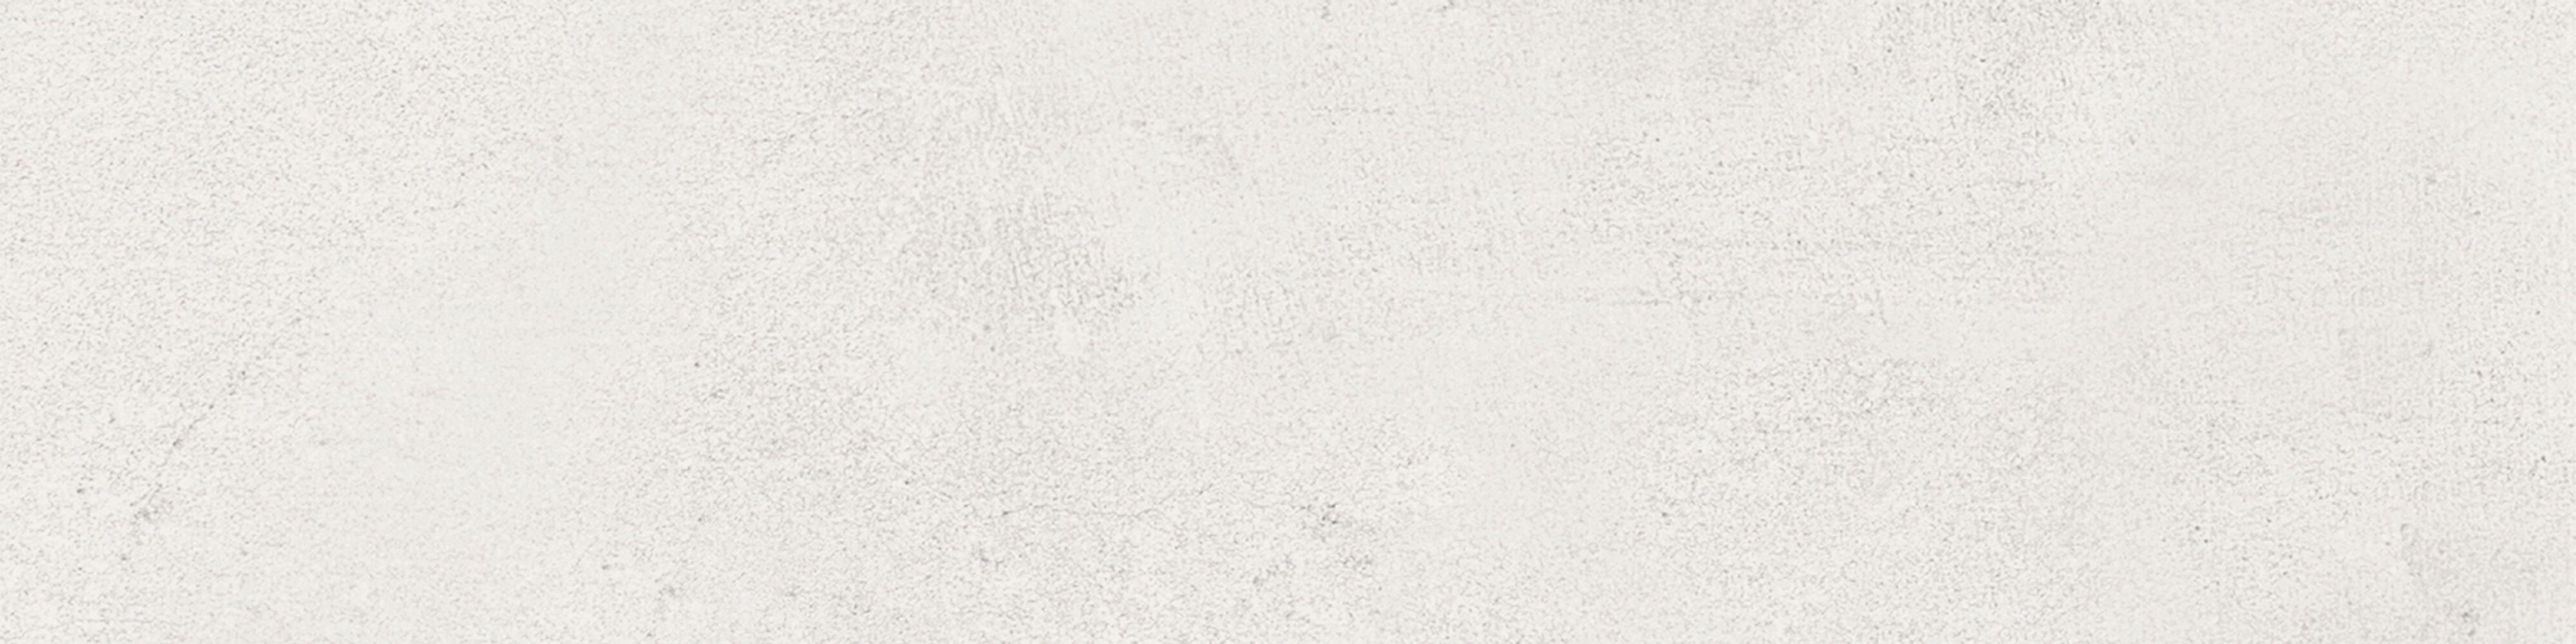 Floors 2000 Inc 12 X 3 Porcelain Bullnose Tile Trim In White Wayfair